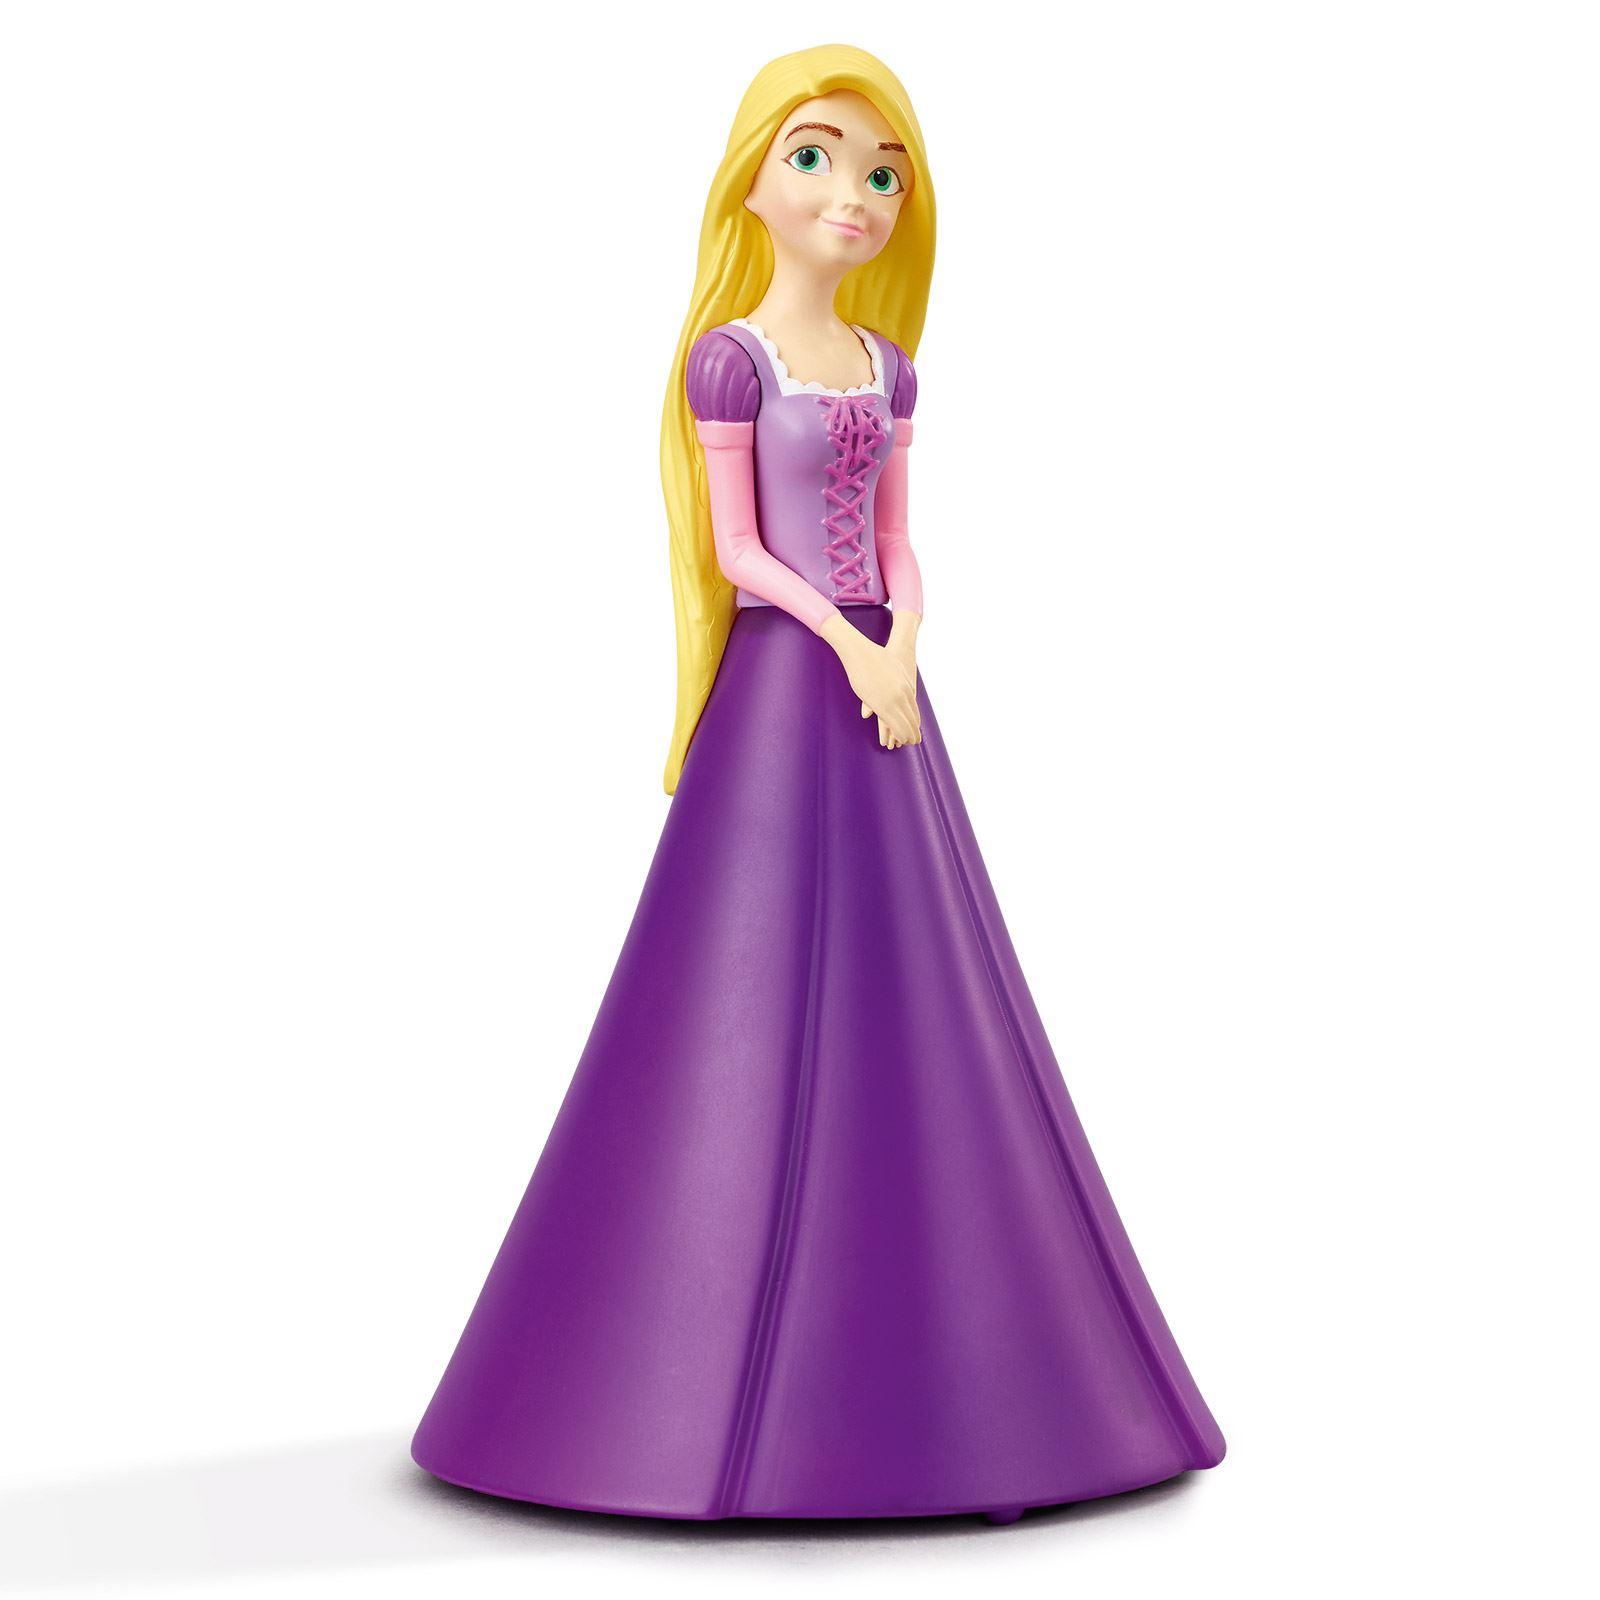 Disney-Figur geformt Nachtlichter Disney Eiskönigin Elsa Prinzessin ...